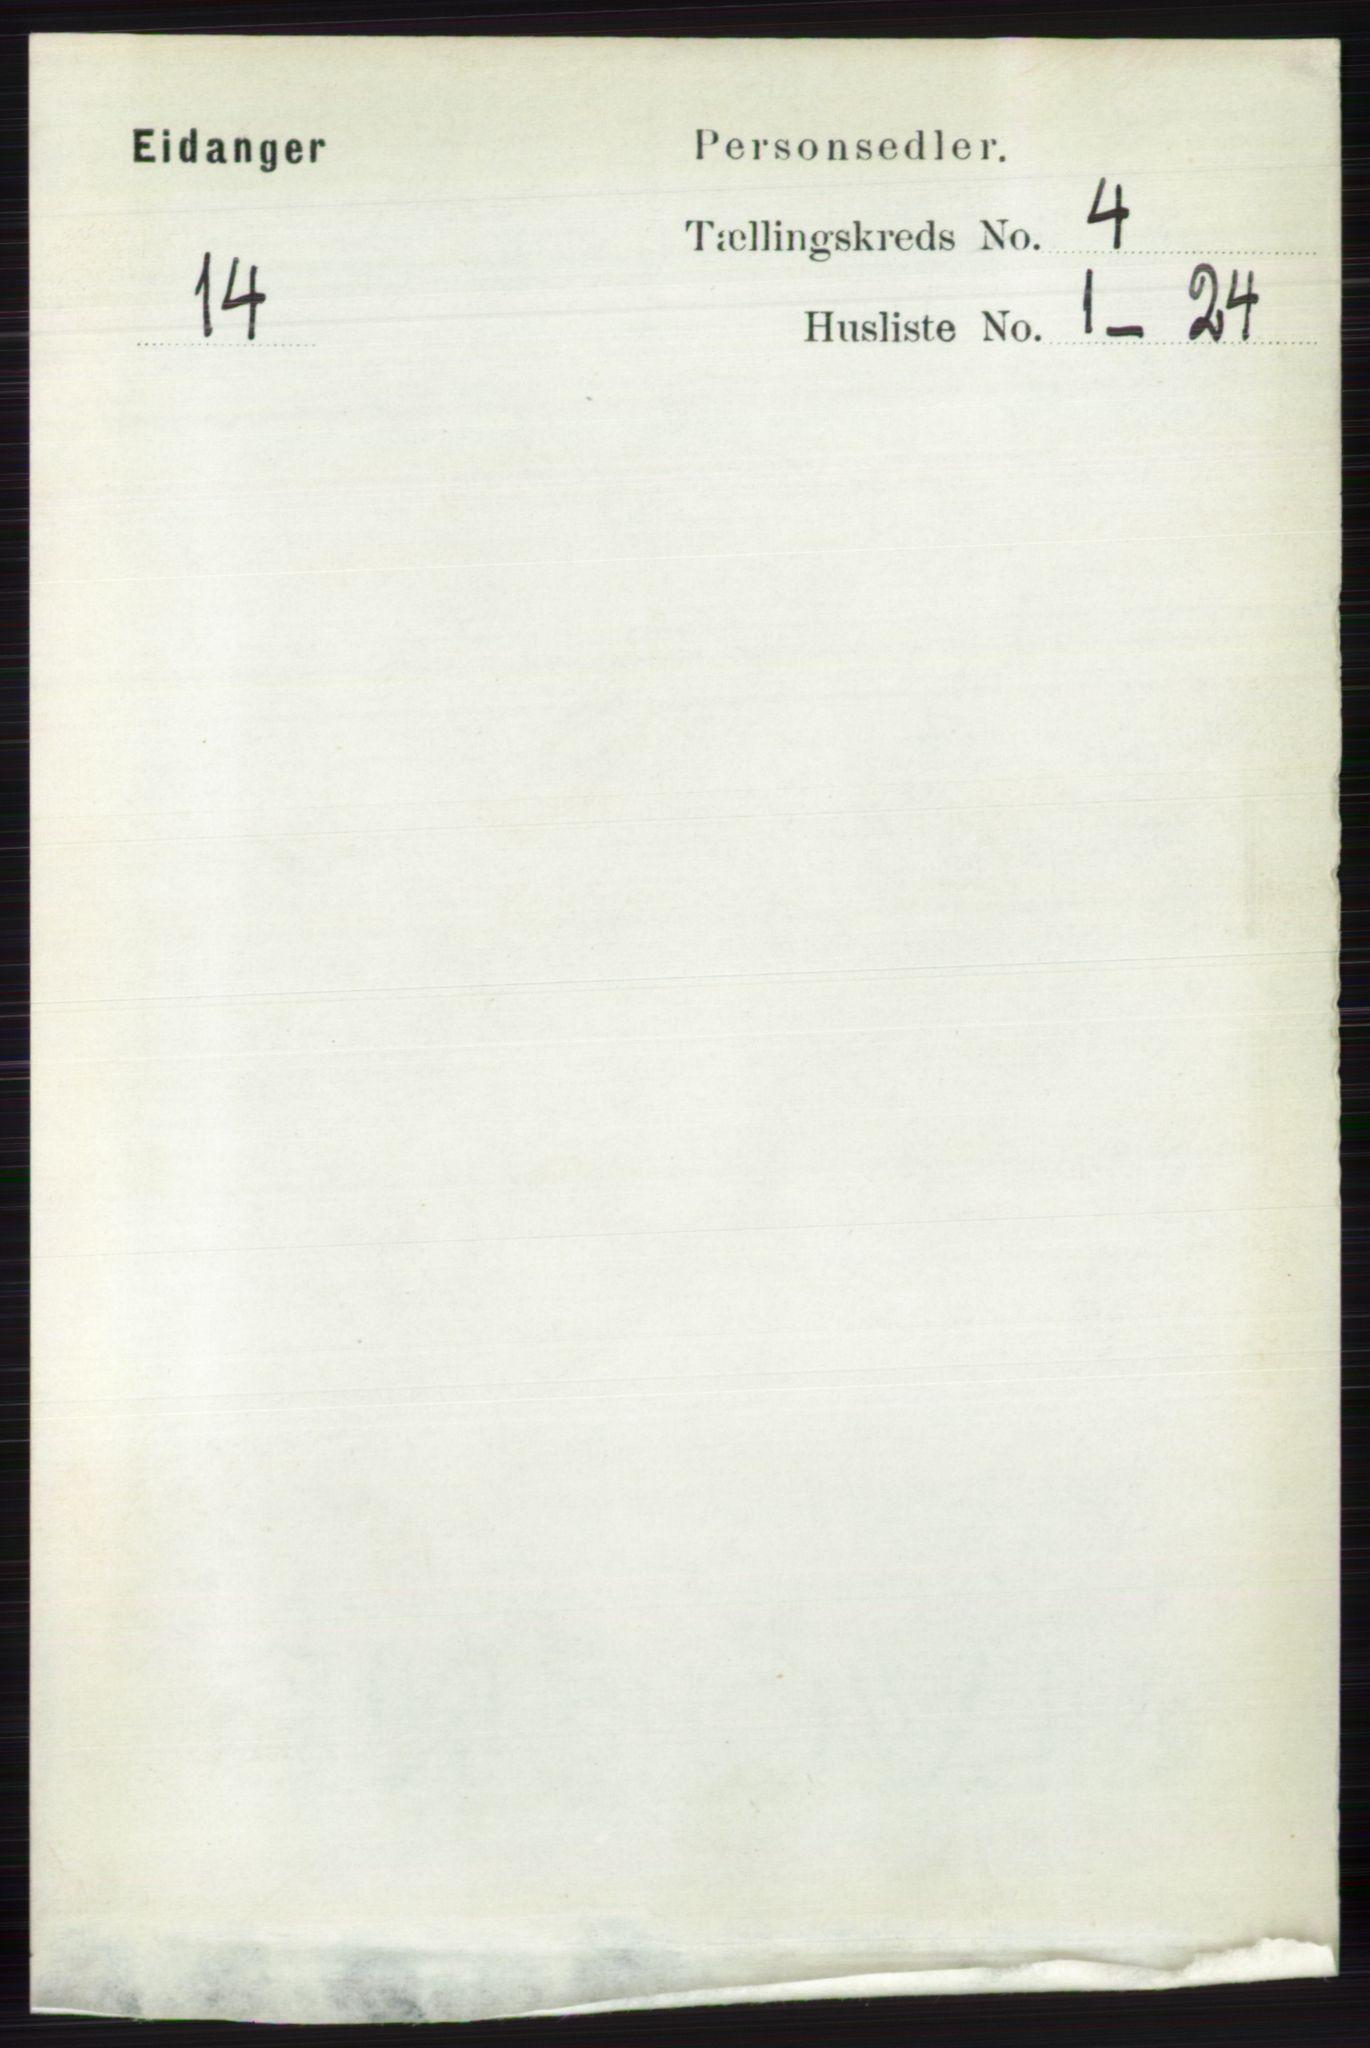 RA, Folketelling 1891 for 0813 Eidanger herred, 1891, s. 1940